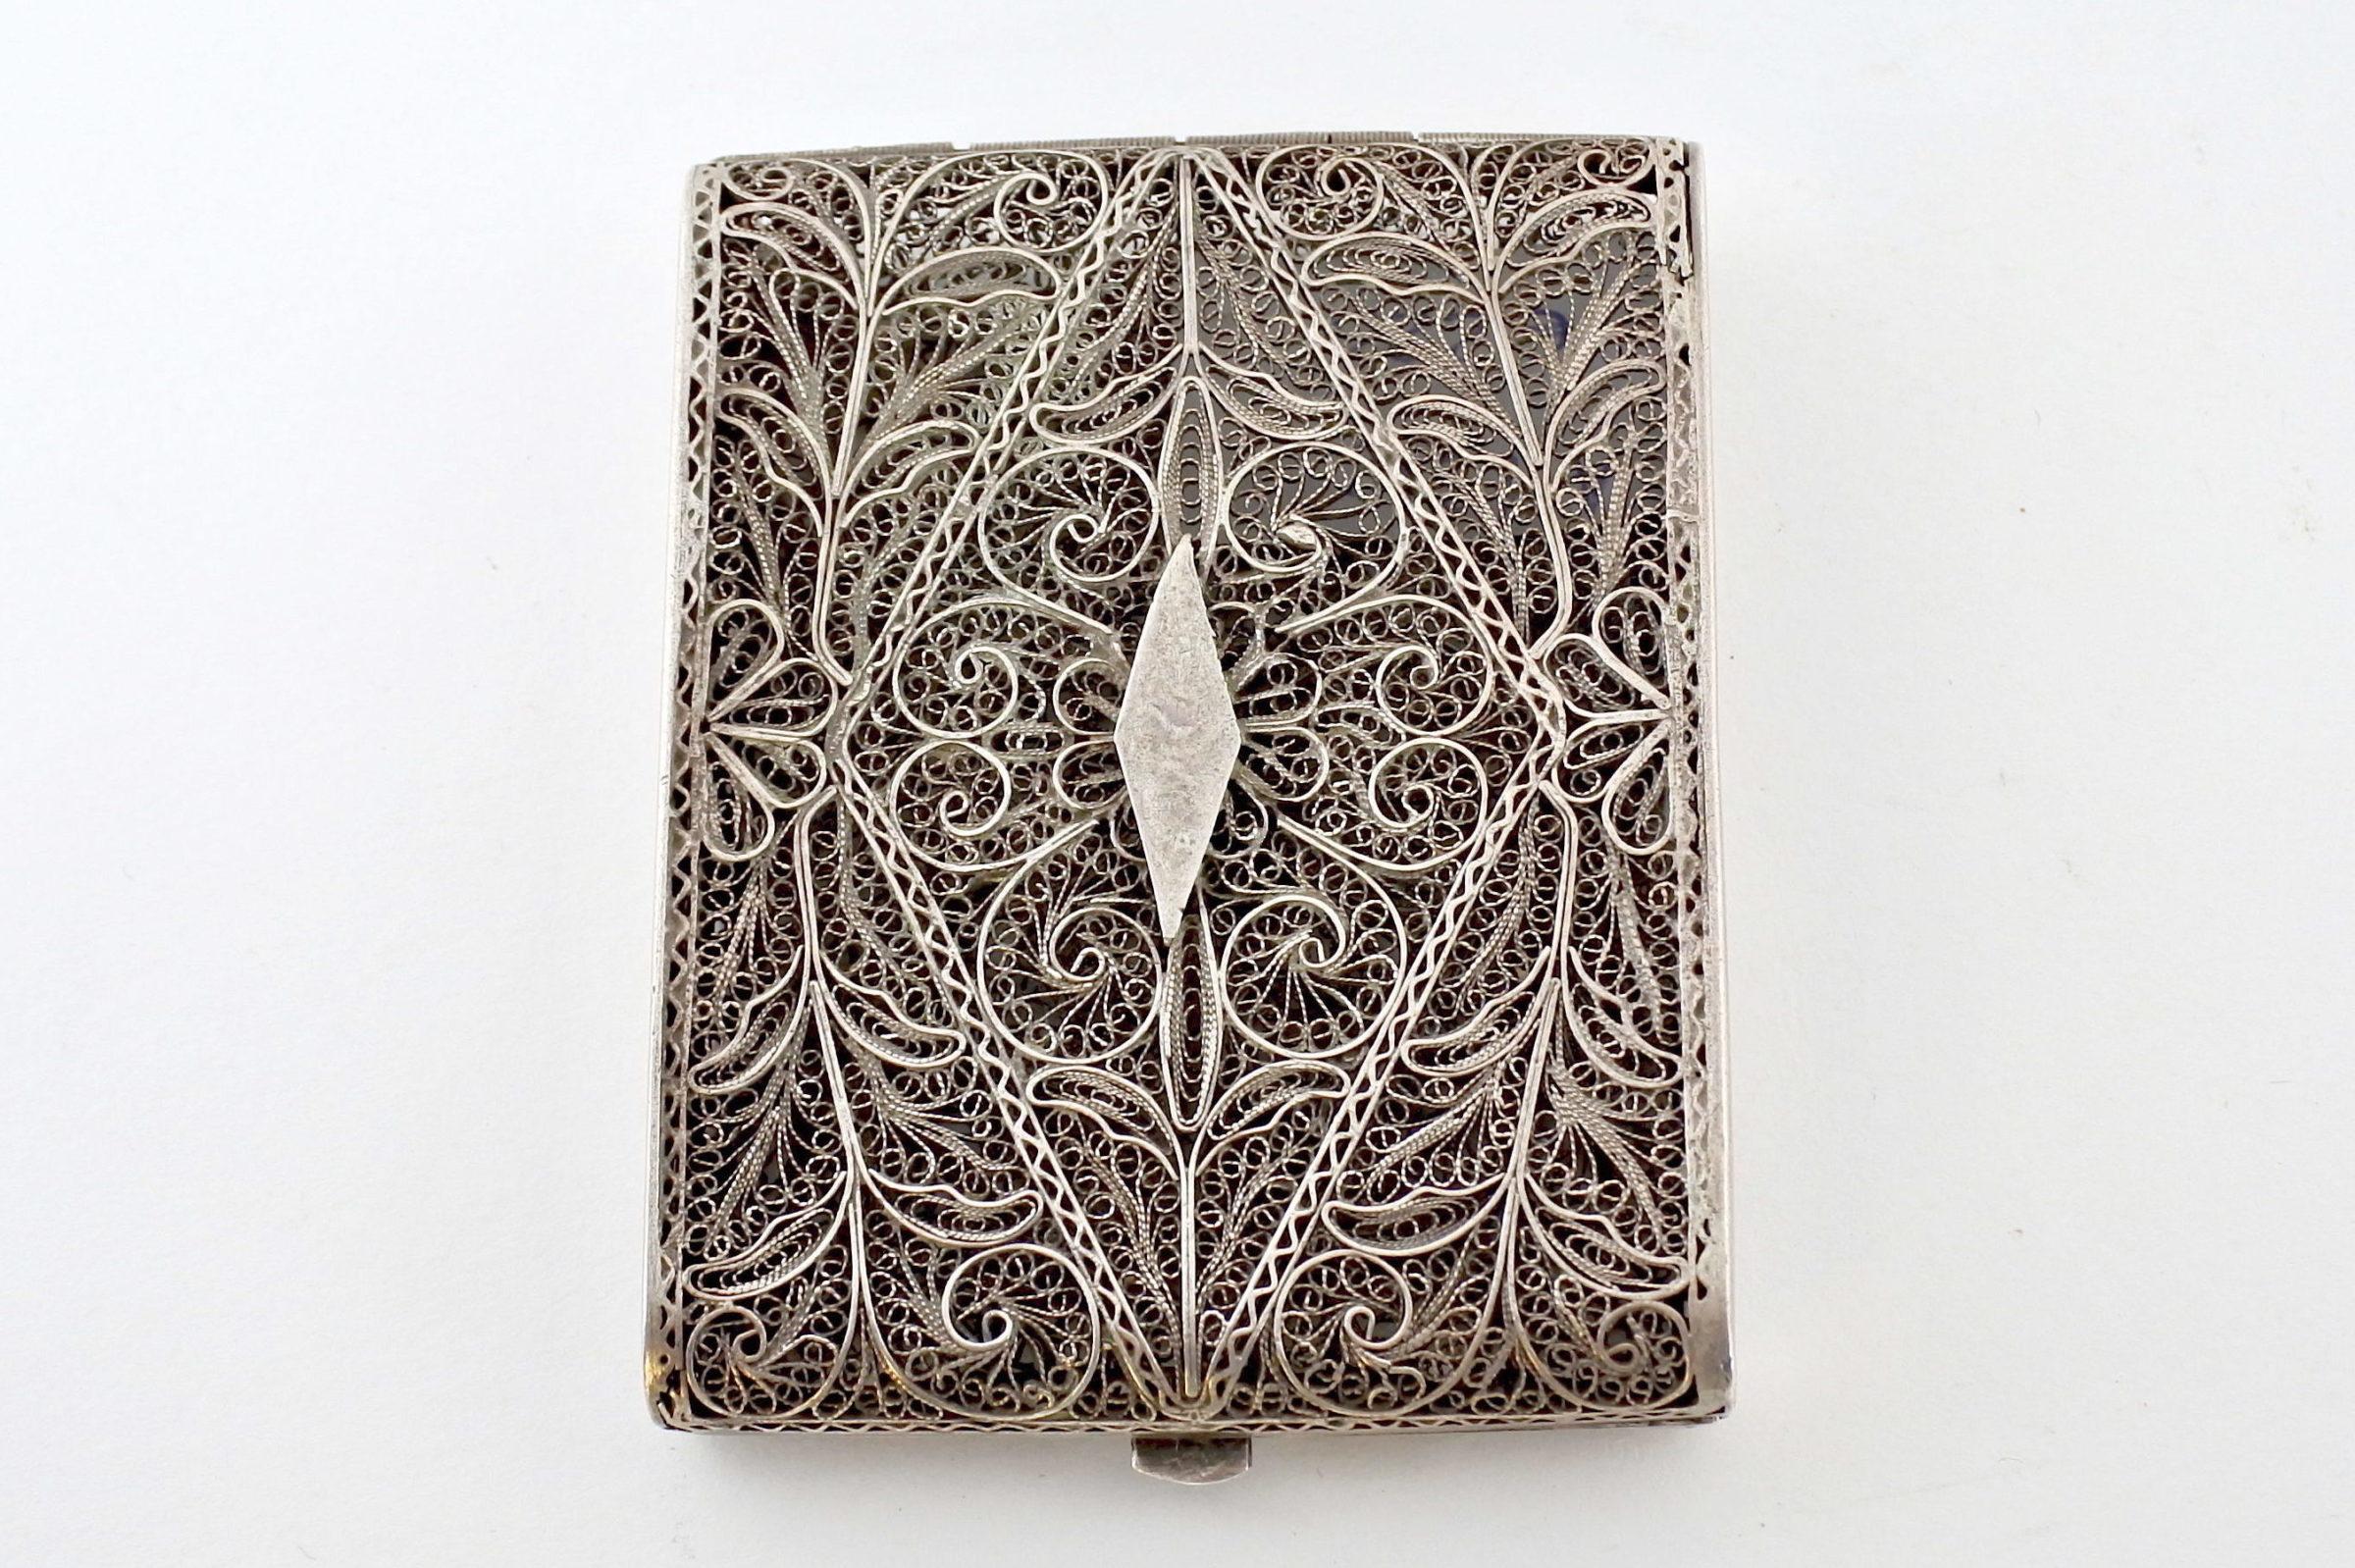 Portabiglietti in filigrana d'argento con decoro floreale - 2